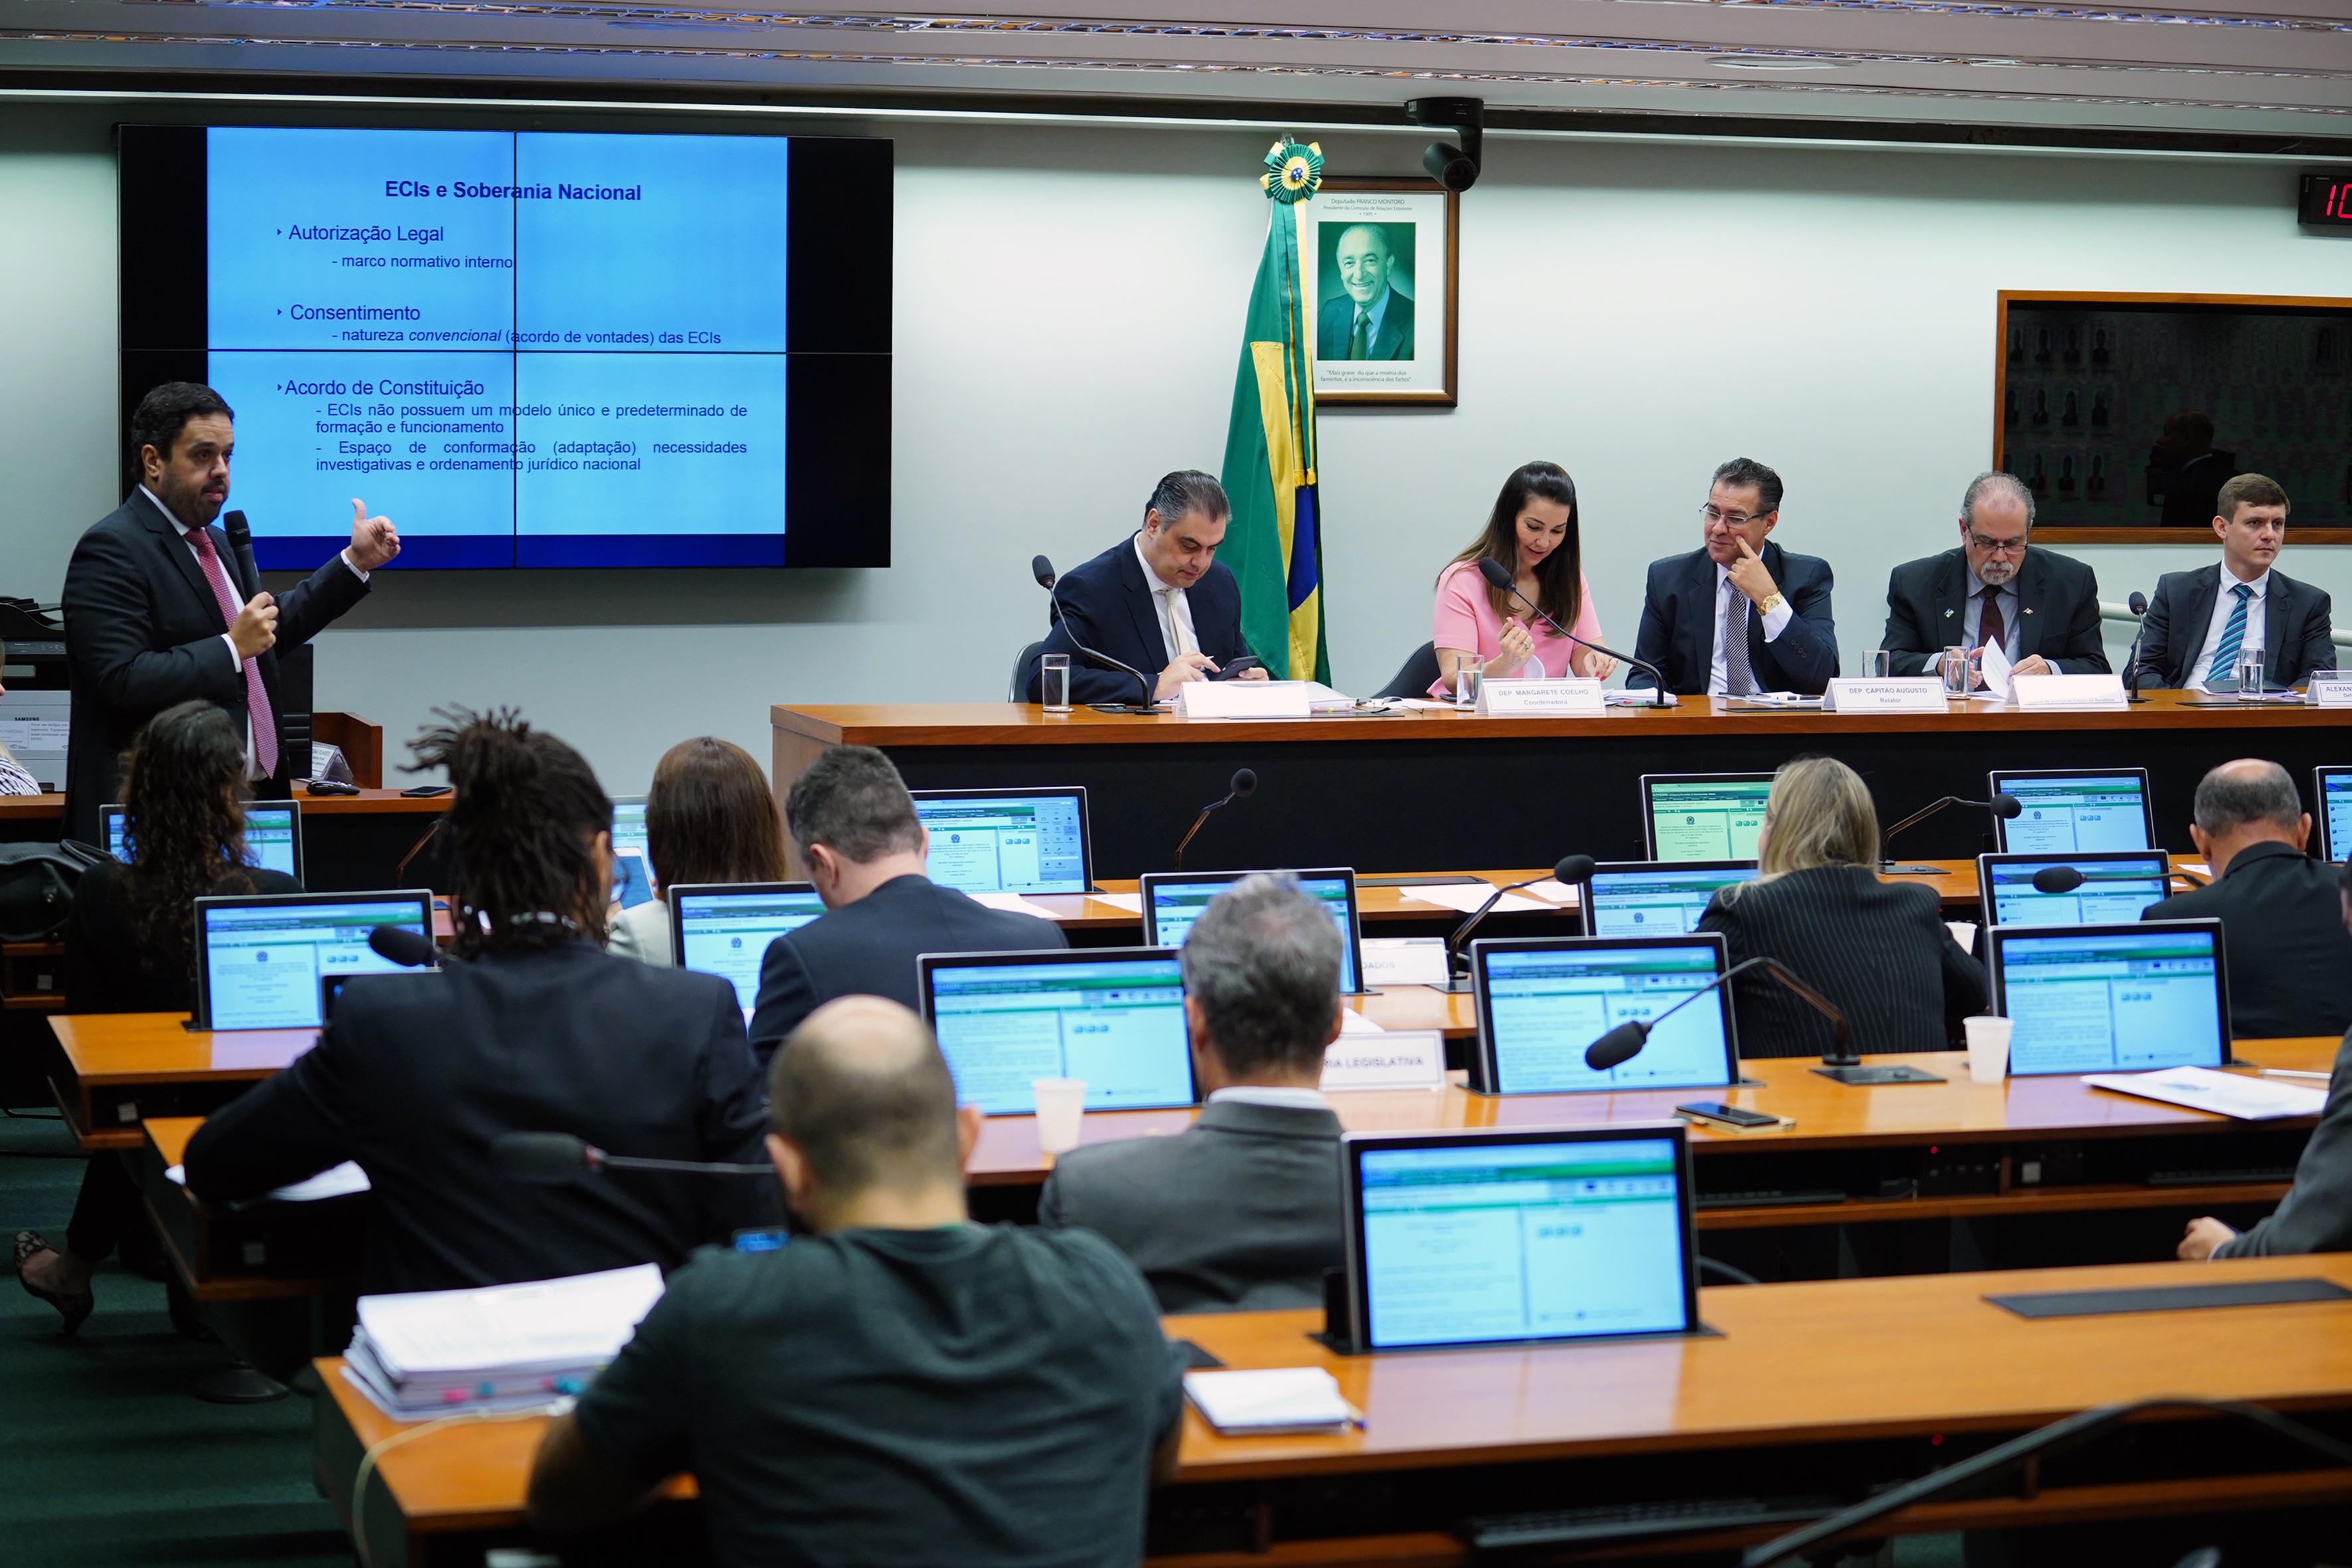 Audiência pública sobre os temas propostos no Roteiro de Trabalho